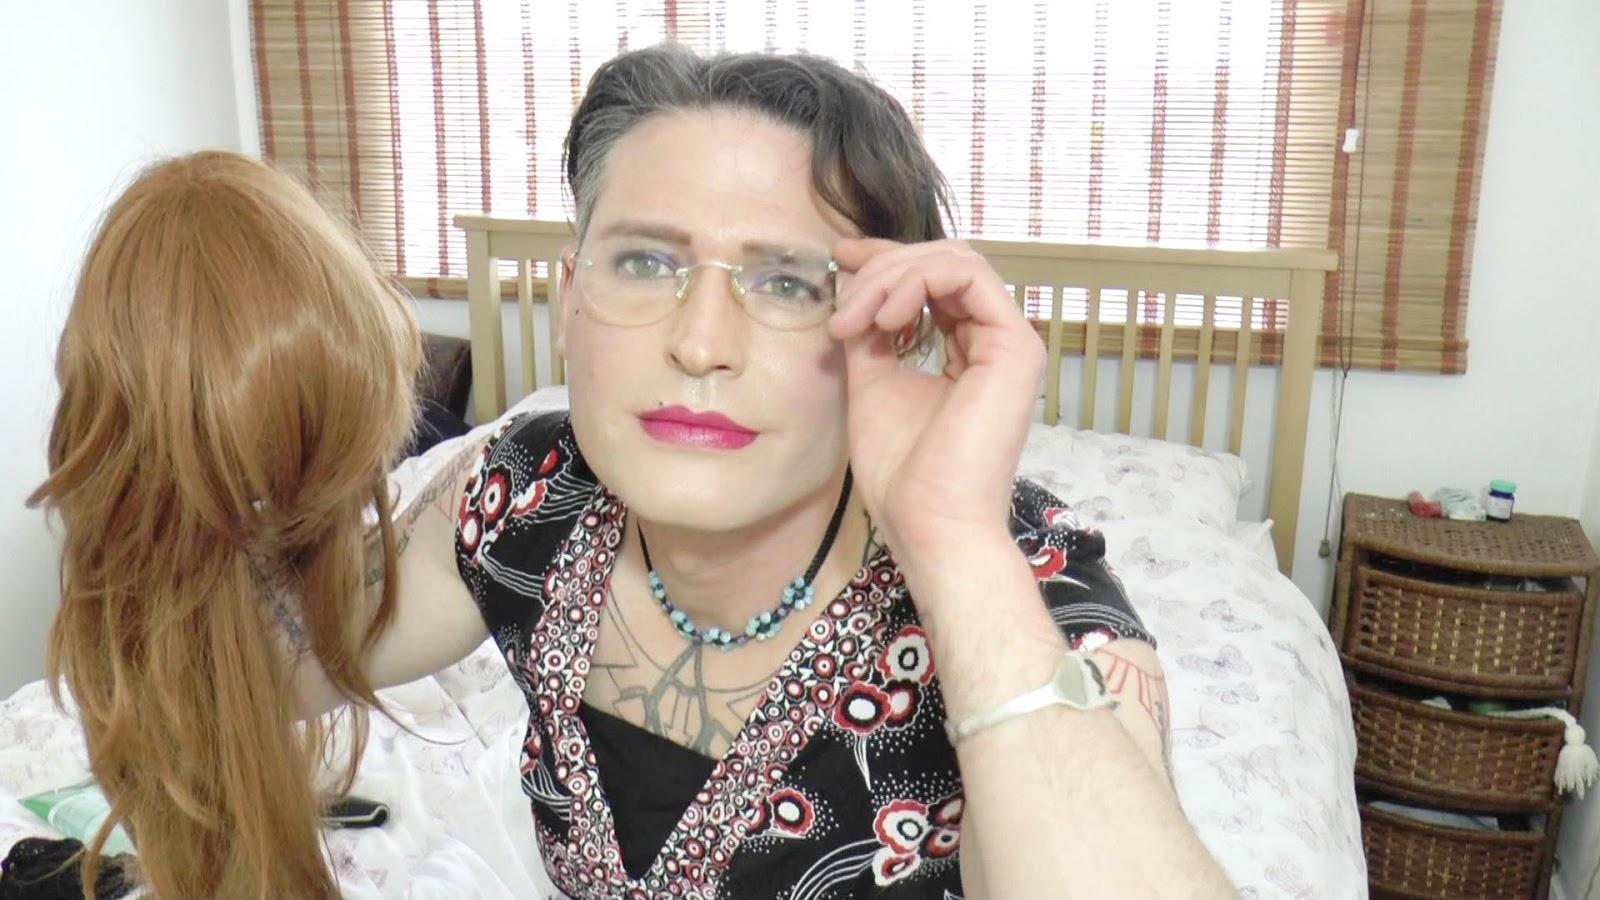 Transvestite shaving tips